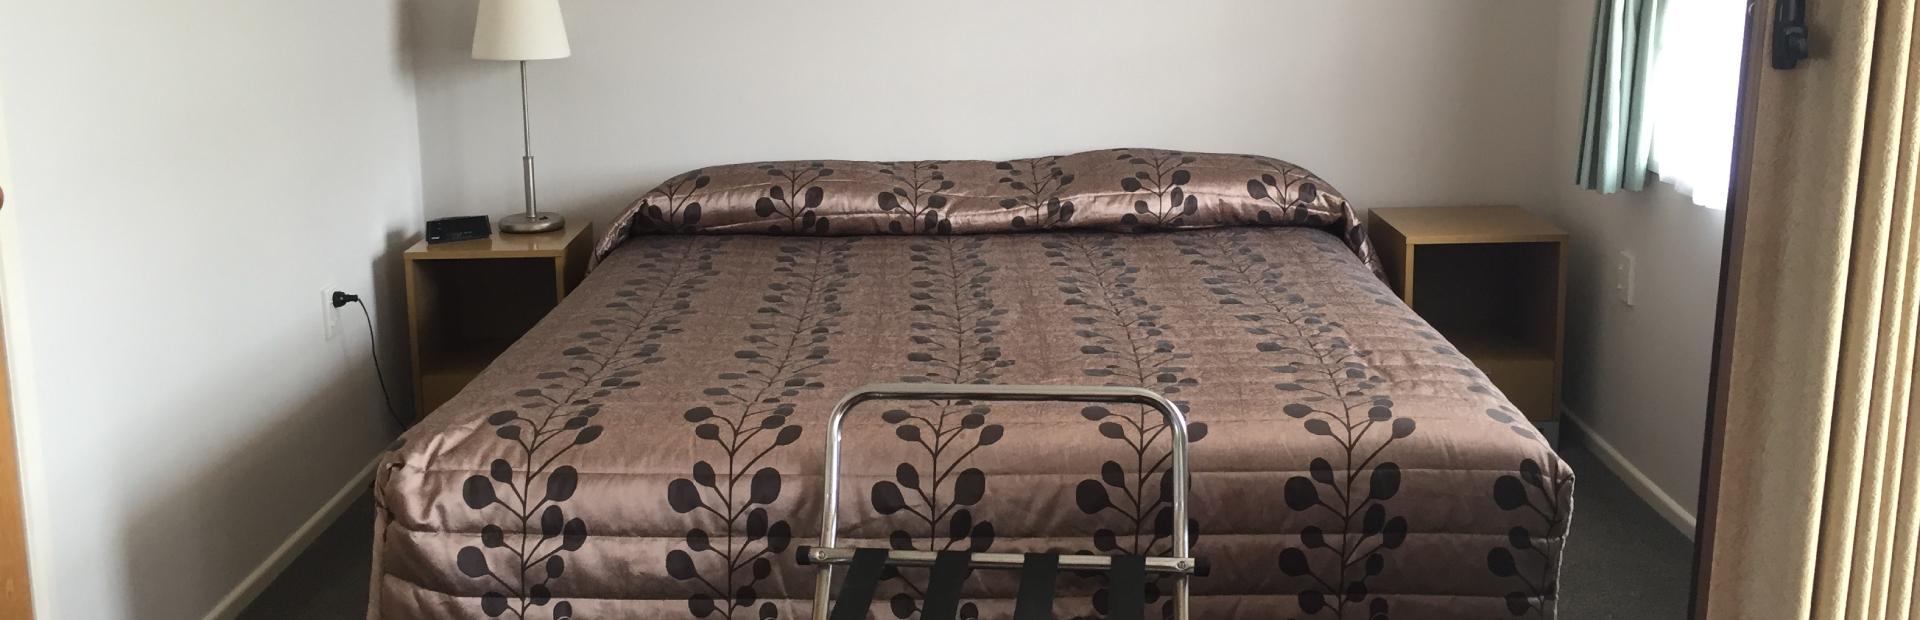 bed-whangarei-motel